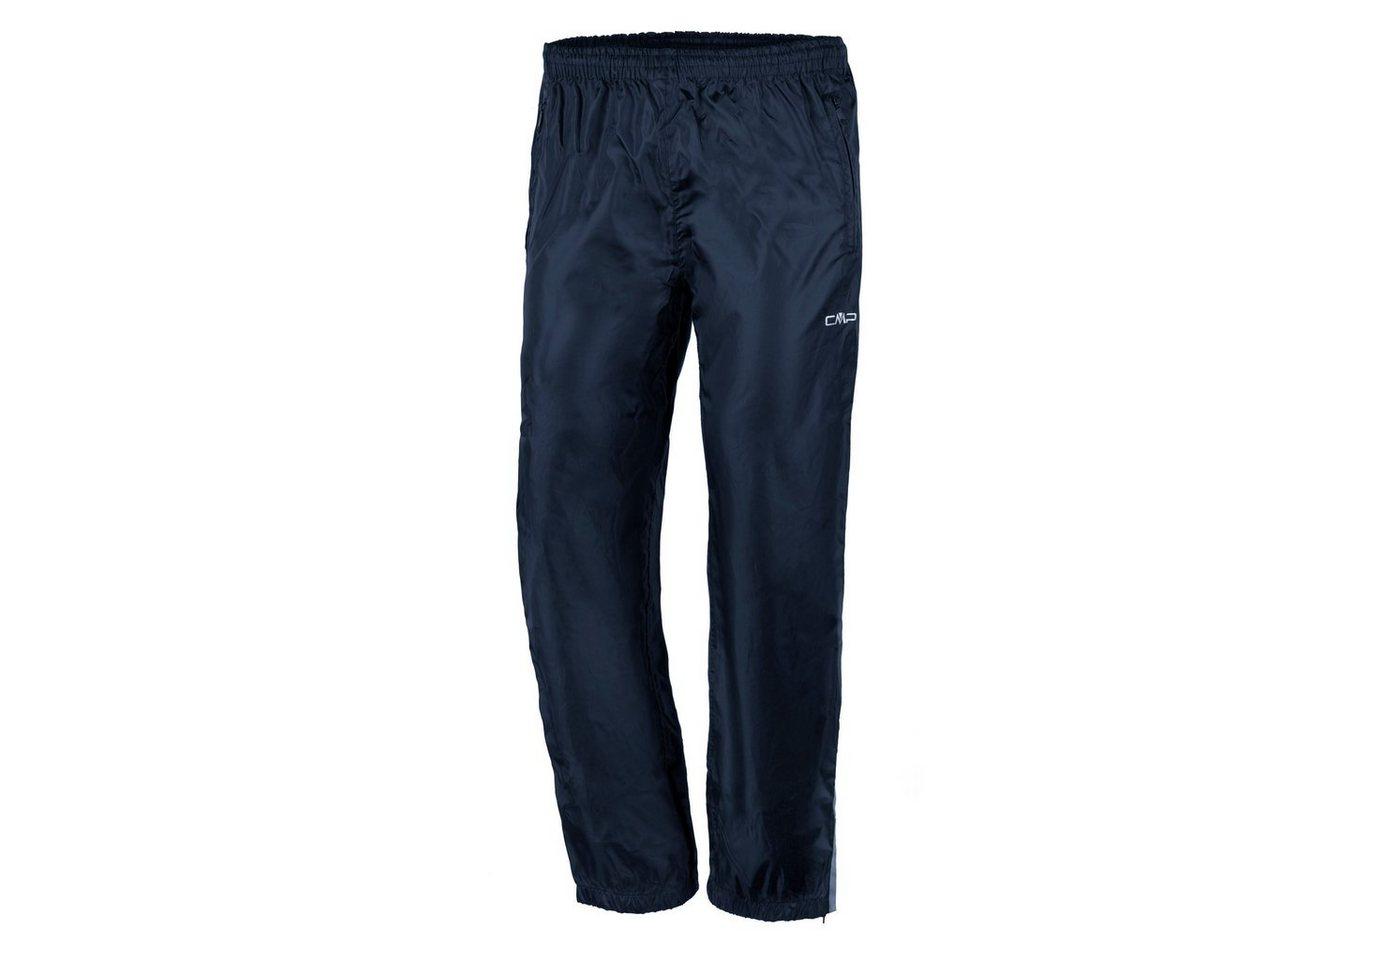 CMP Regenhose | Sportbekleidung > Sporthosen > Regenhosen | Blau | CMP